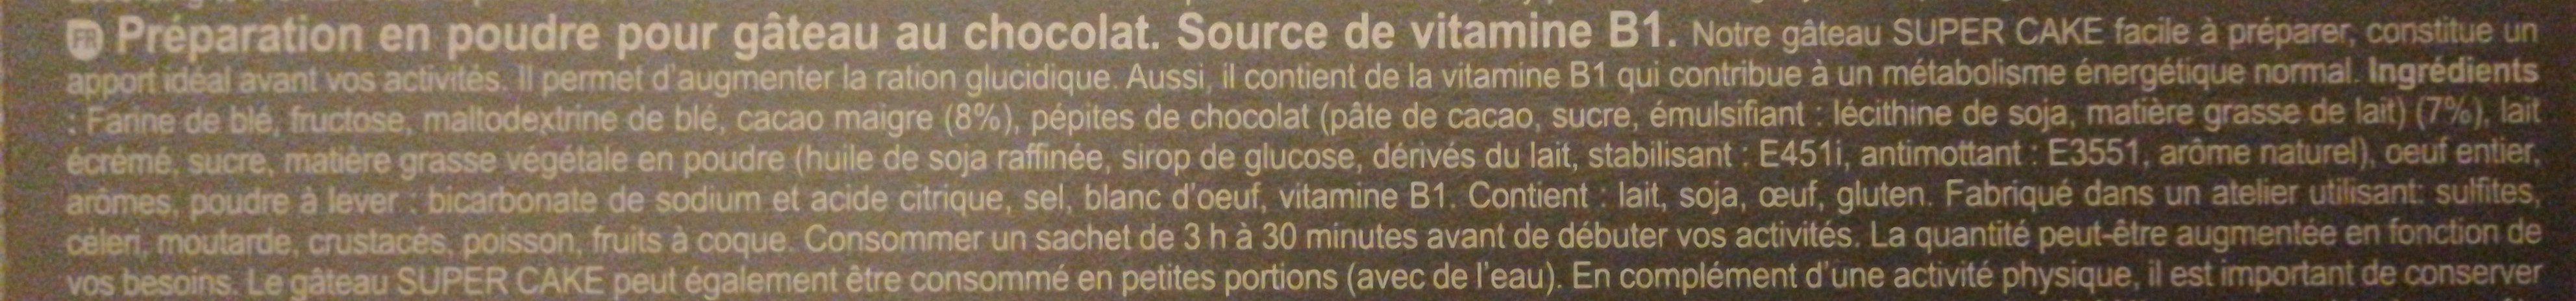 Super cake - Ingrédients